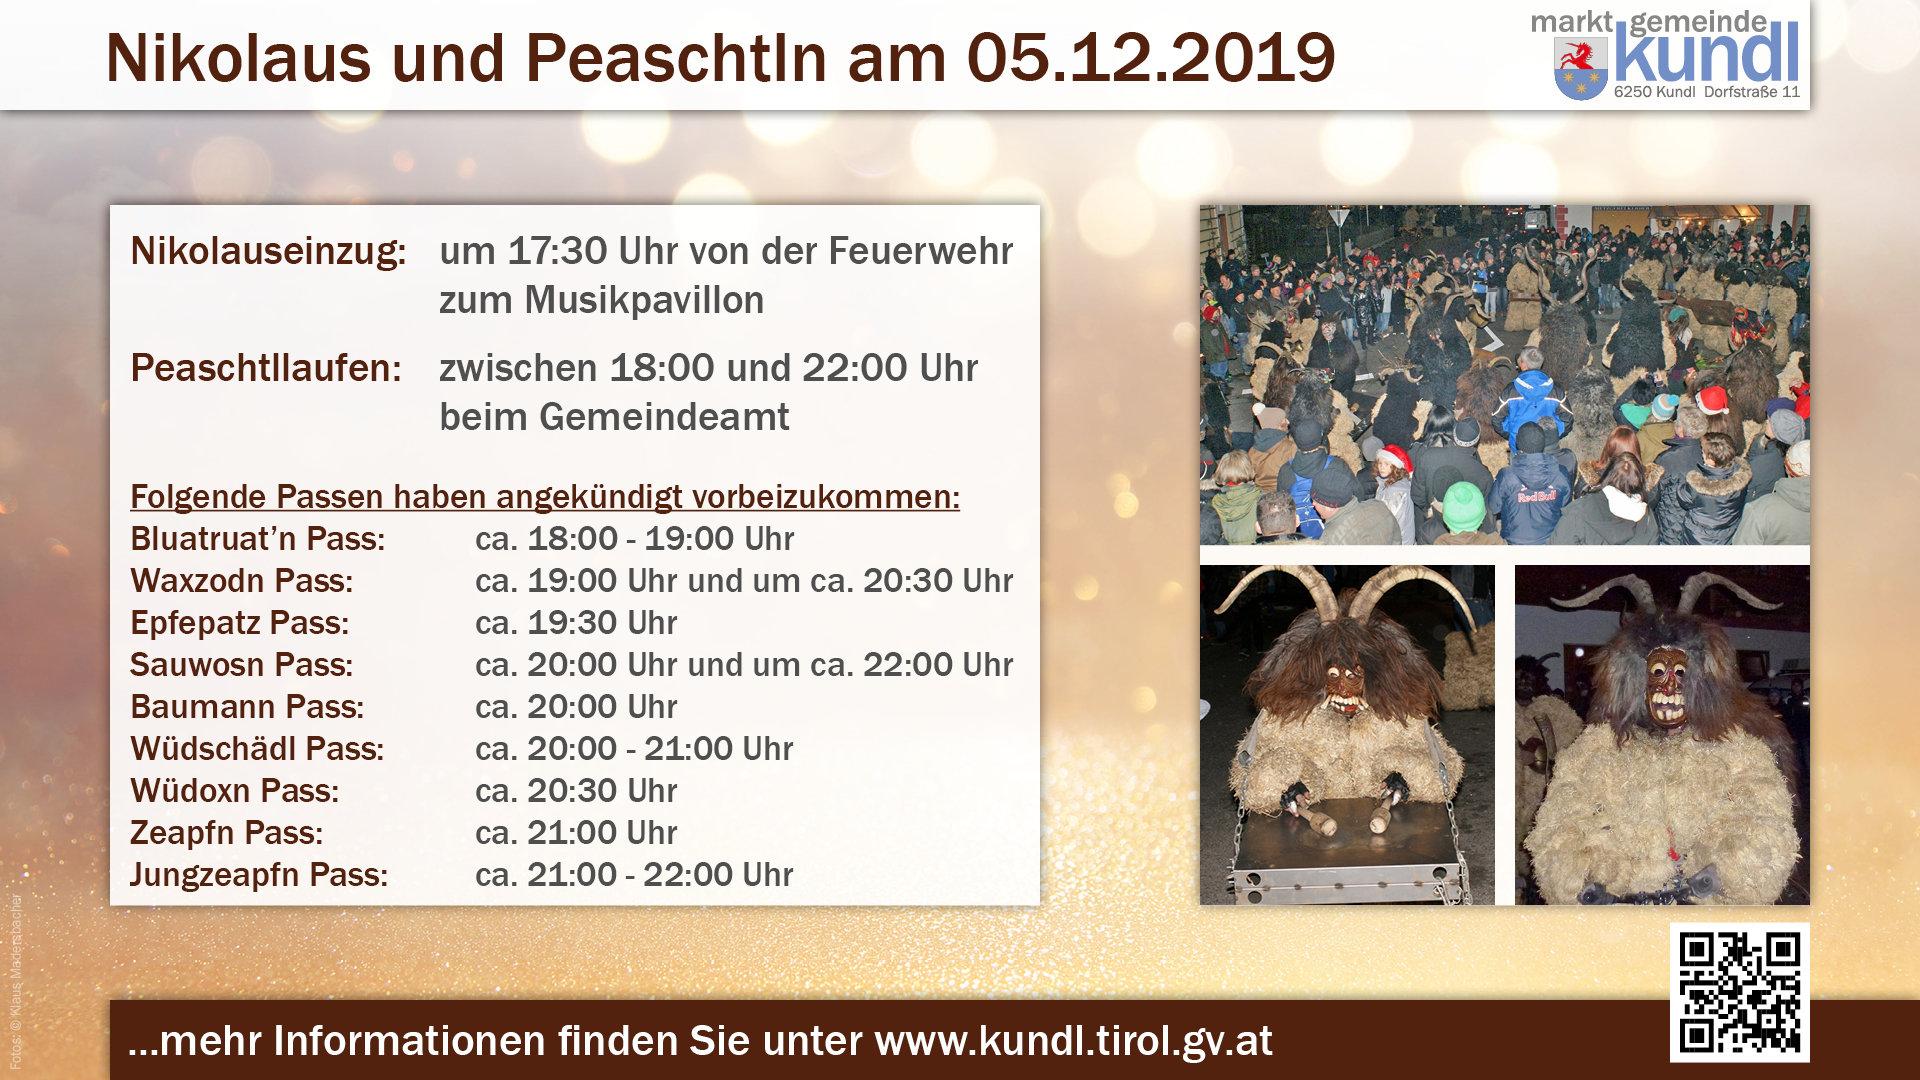 peaschtl_2019_infoscreen_02